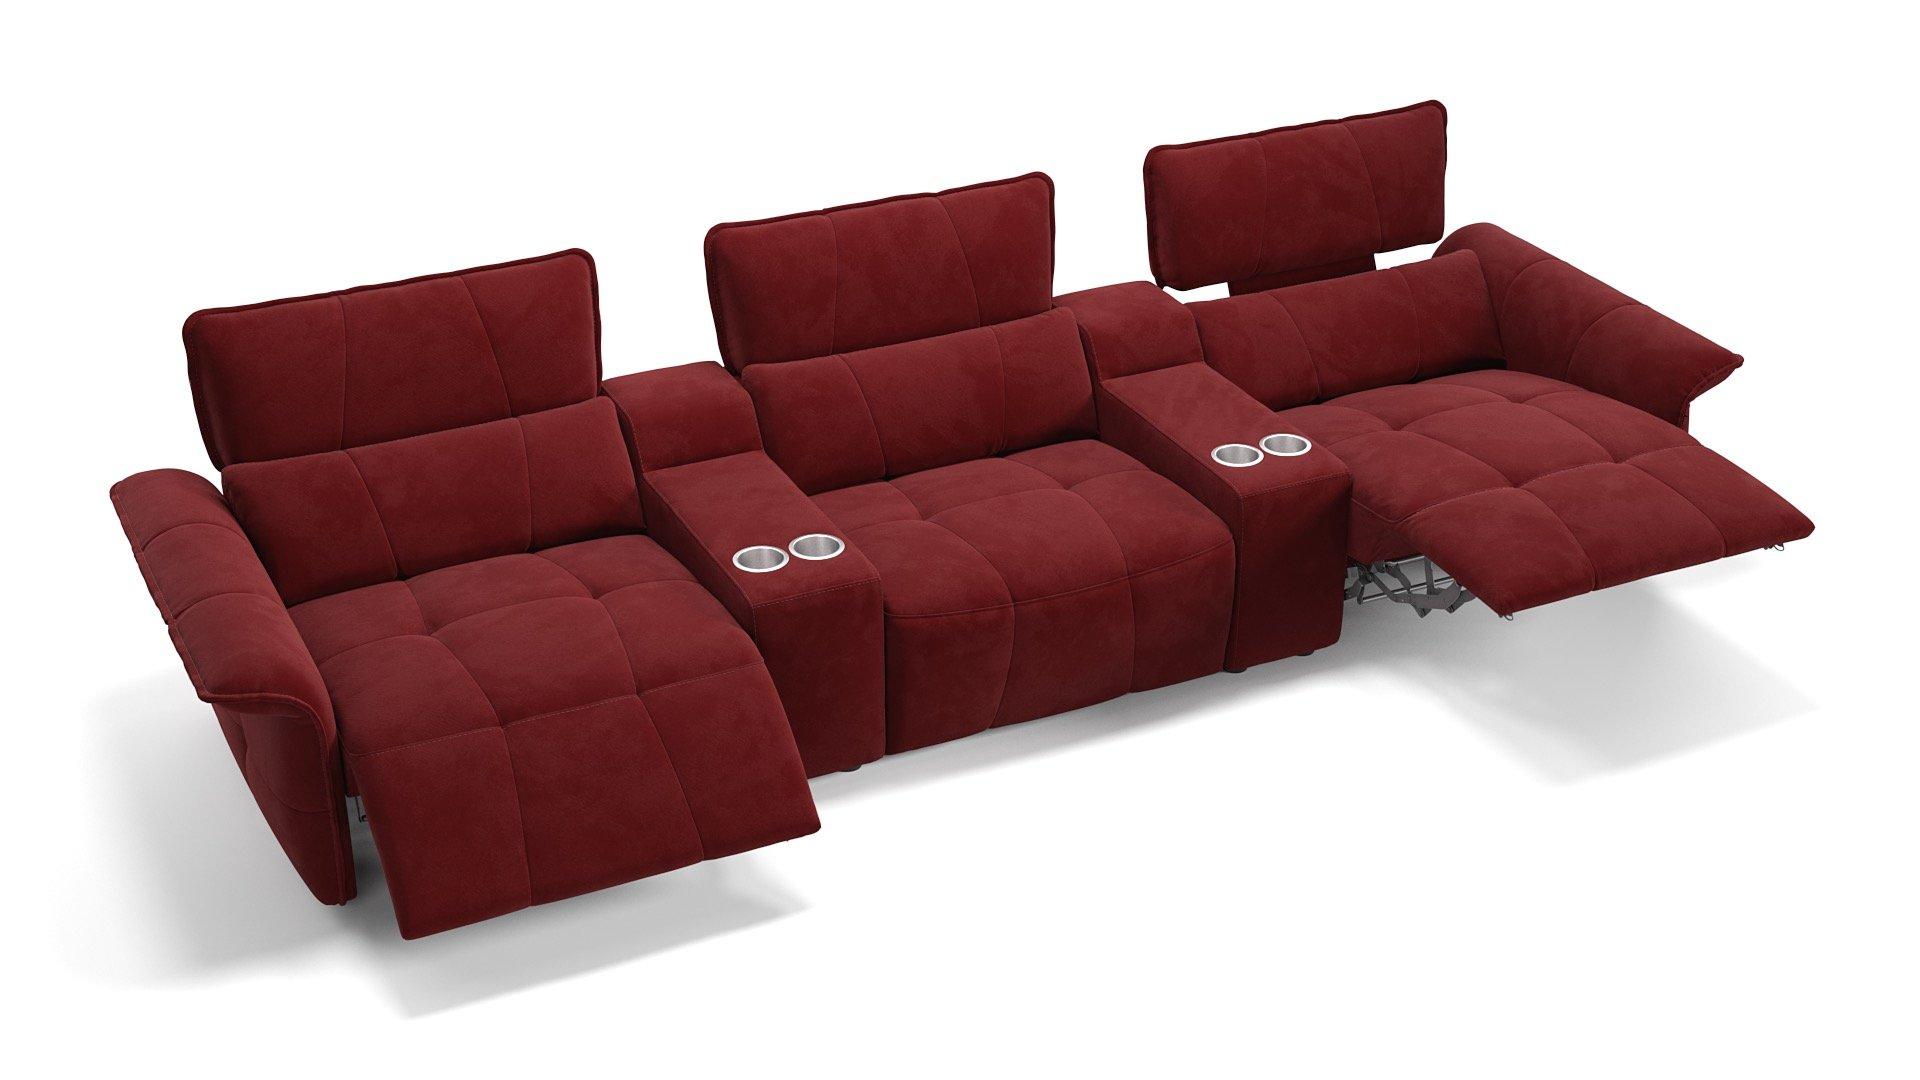 Stoff 3-Sitzer Kinosofa mit zwei Mittelkonsolen ADRIA